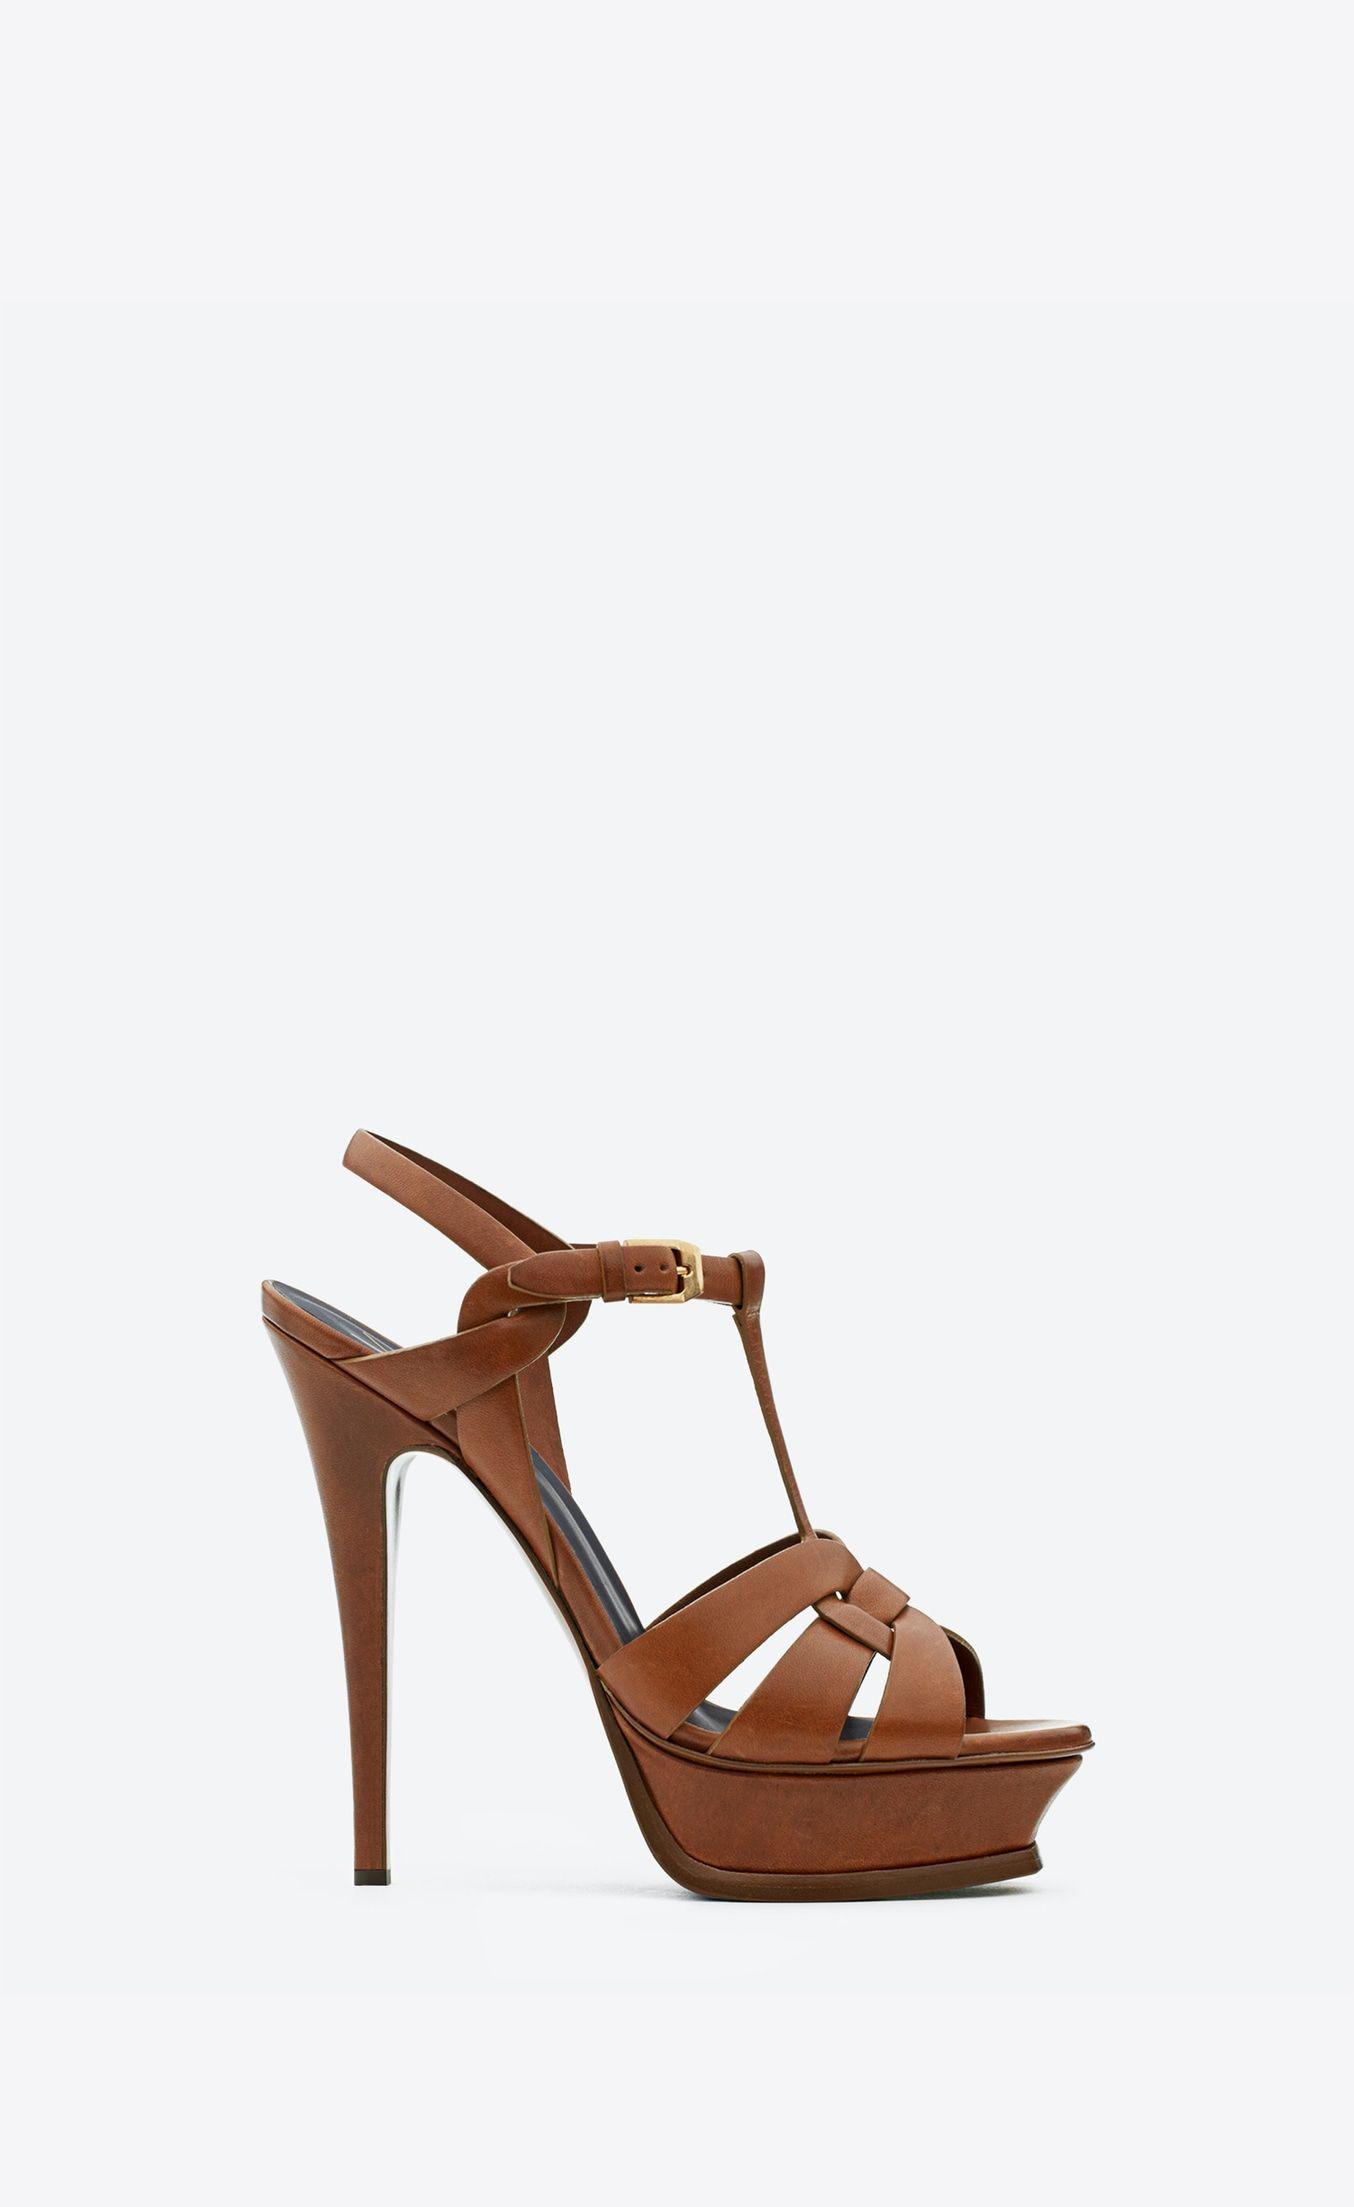 55a90d077c Tribute PRINCESS shoes👑😃 | Ee | Shoes, Princess shoes, Sandals